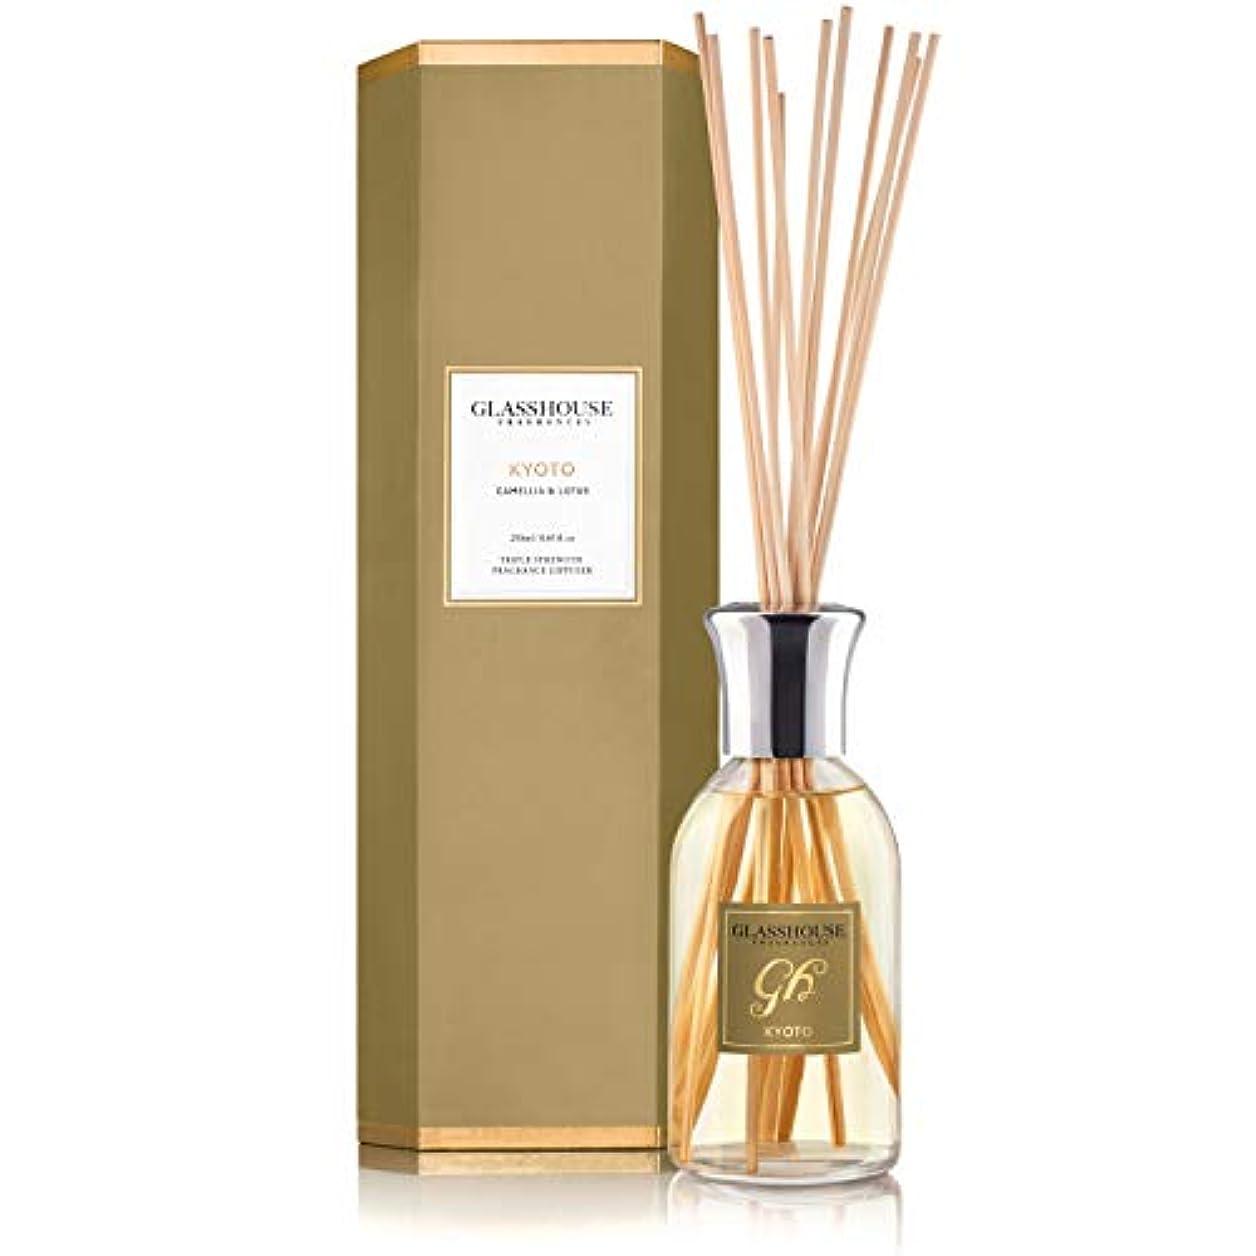 次アプローチヒントグラスハウス Triple Strength Fragrance Diffuser - Kyoto (Camellia & Lotus) 250ml/8.45oz並行輸入品